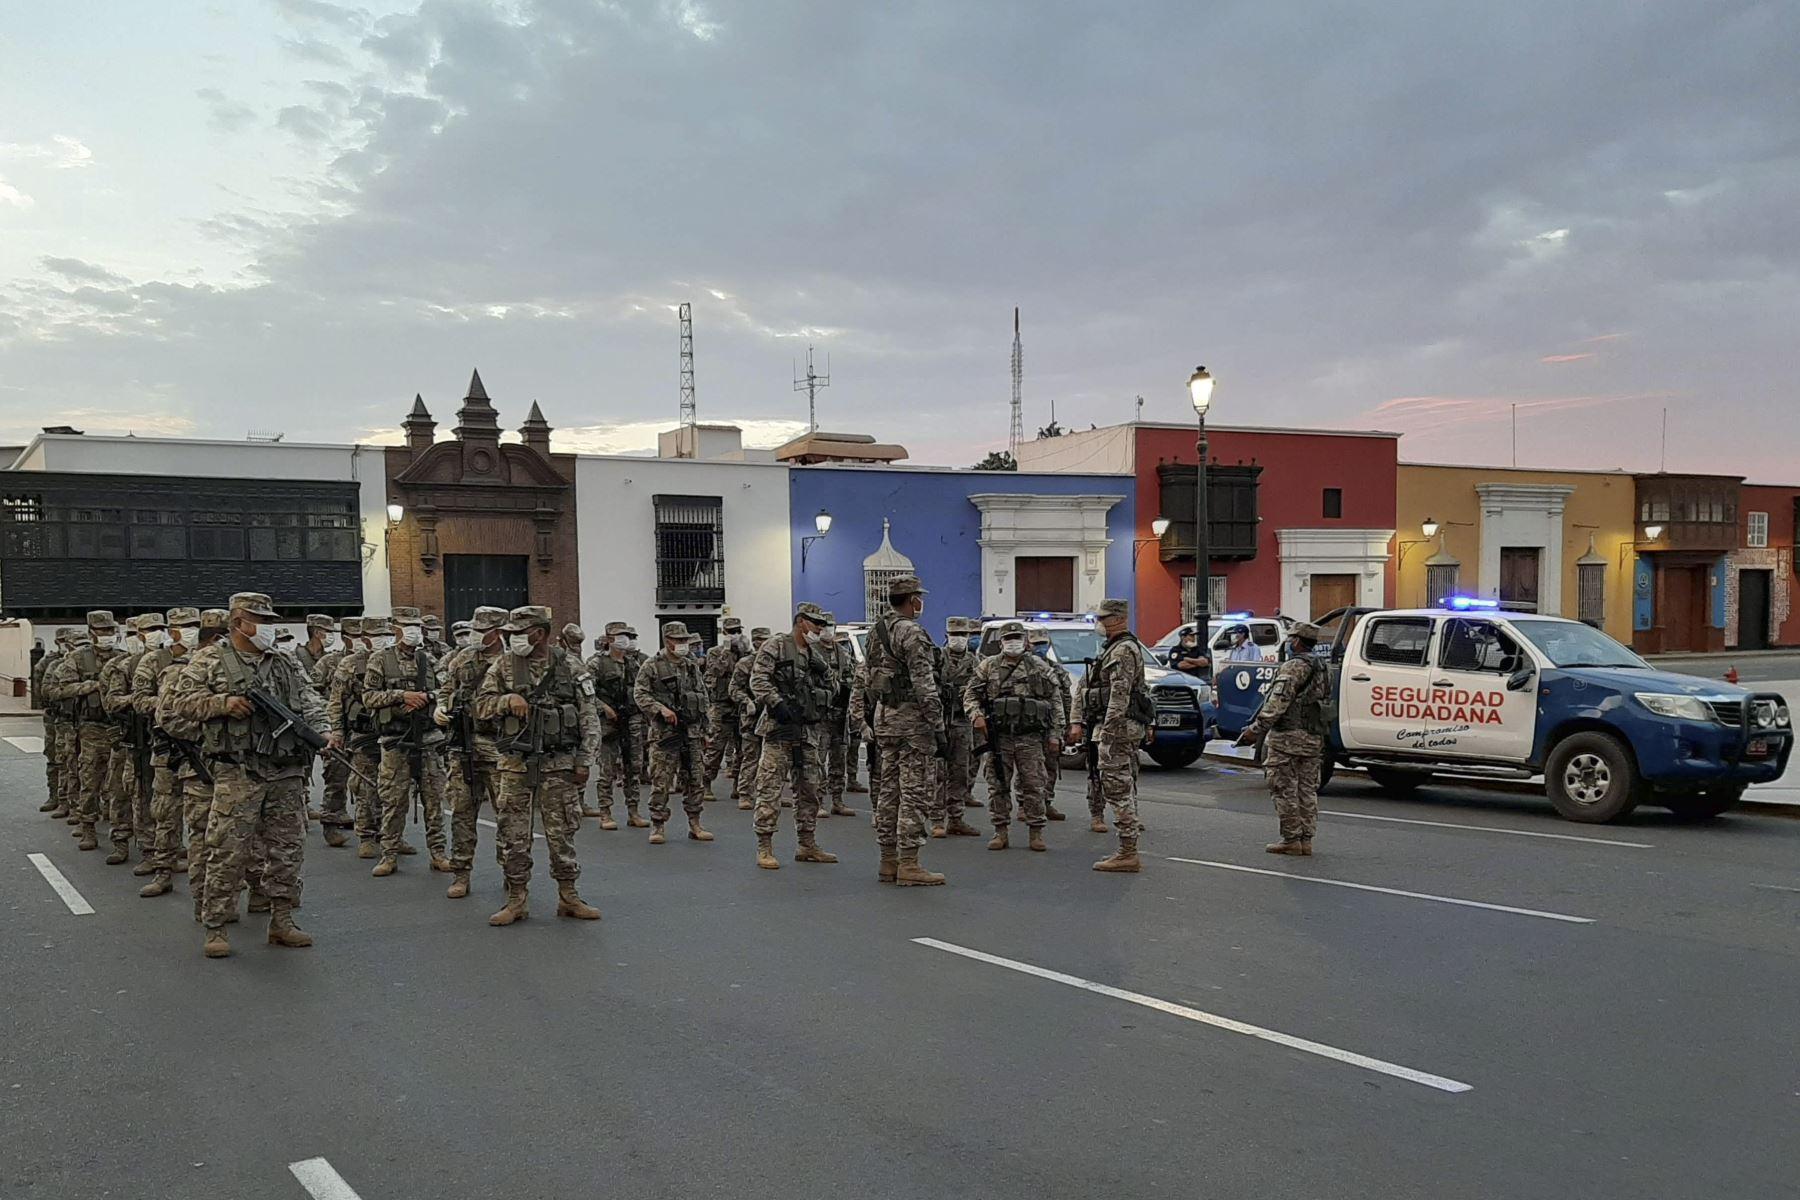 Las fuerzas del orden extremarán las medidas en Trujillo para hacer cumplir la cuarentena en esta ciudad para frenar el avance del coronavirus. ANDINA/Difusión